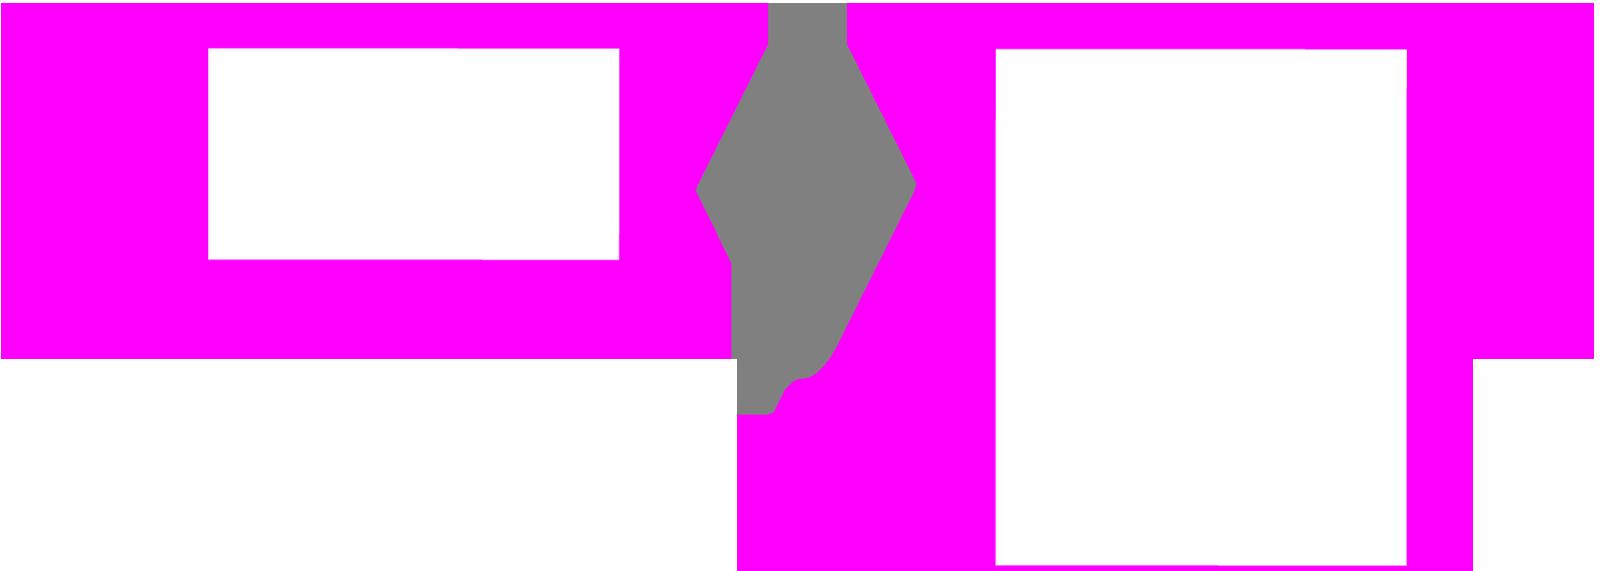 インスタグラム-規格寸法